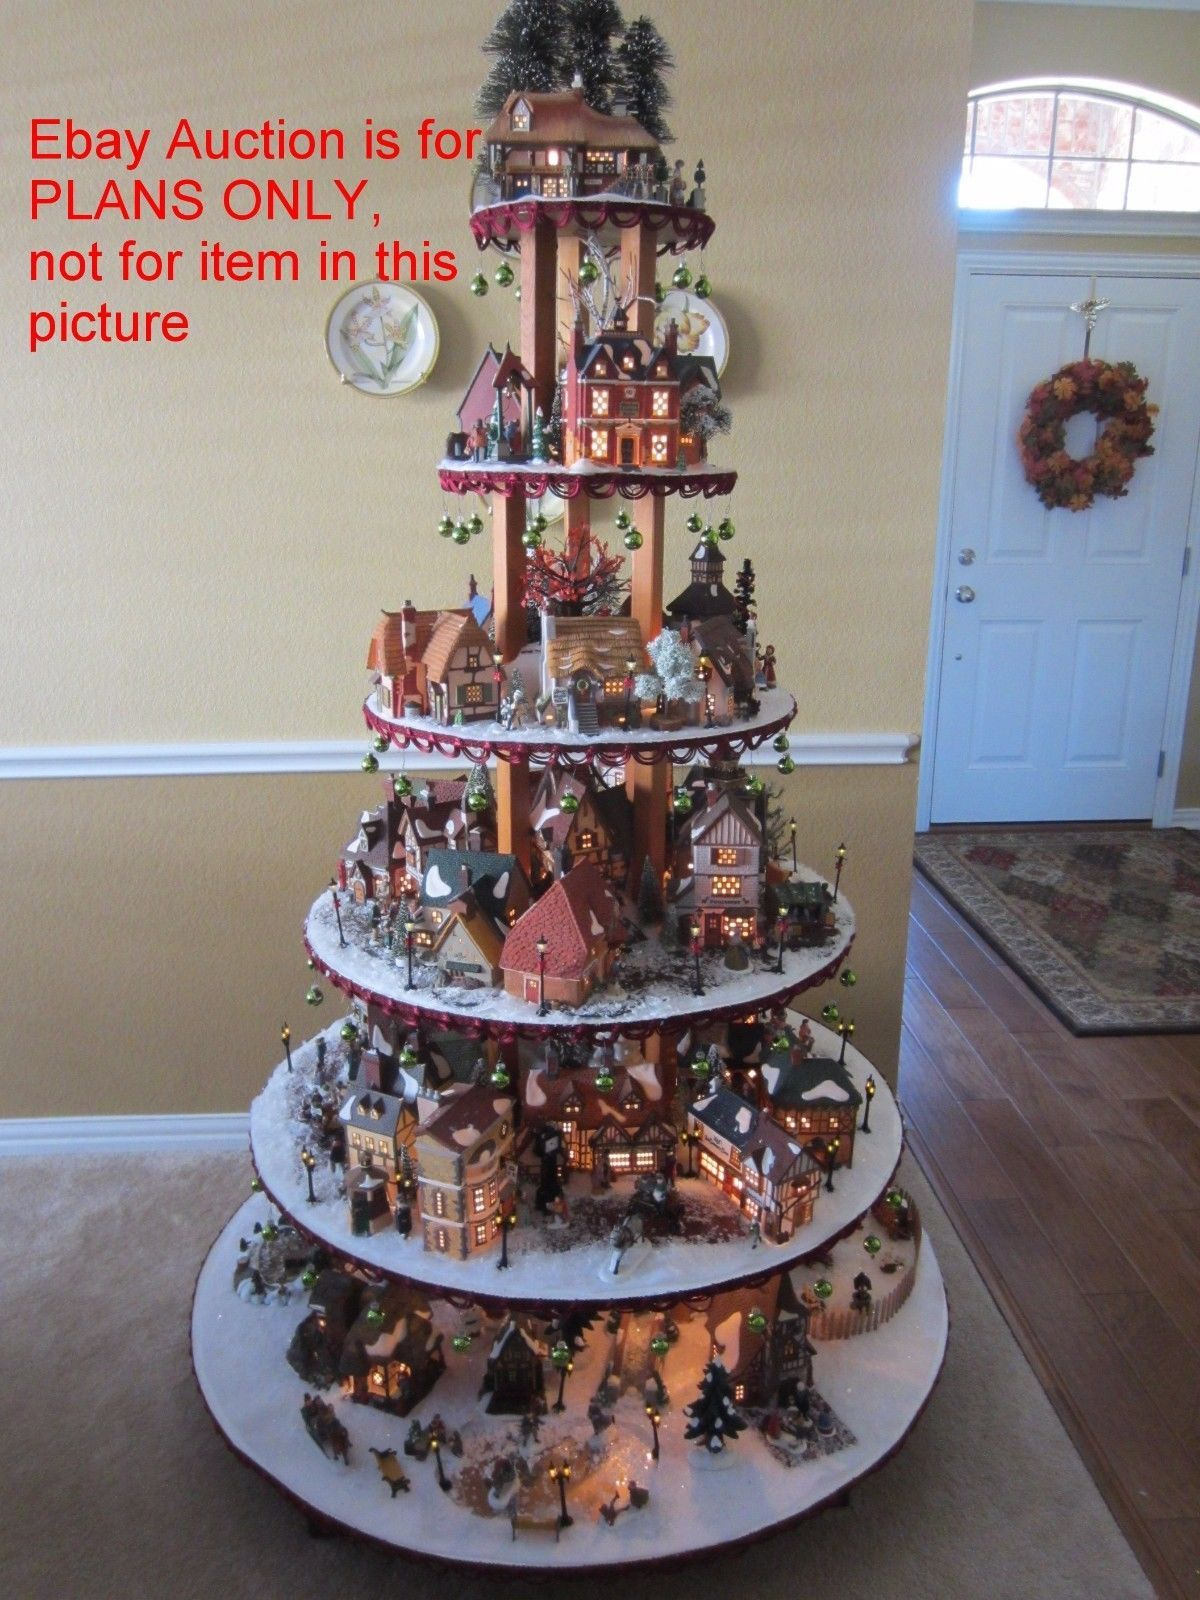 13 modi per nascondere la base dell'albero di Natale